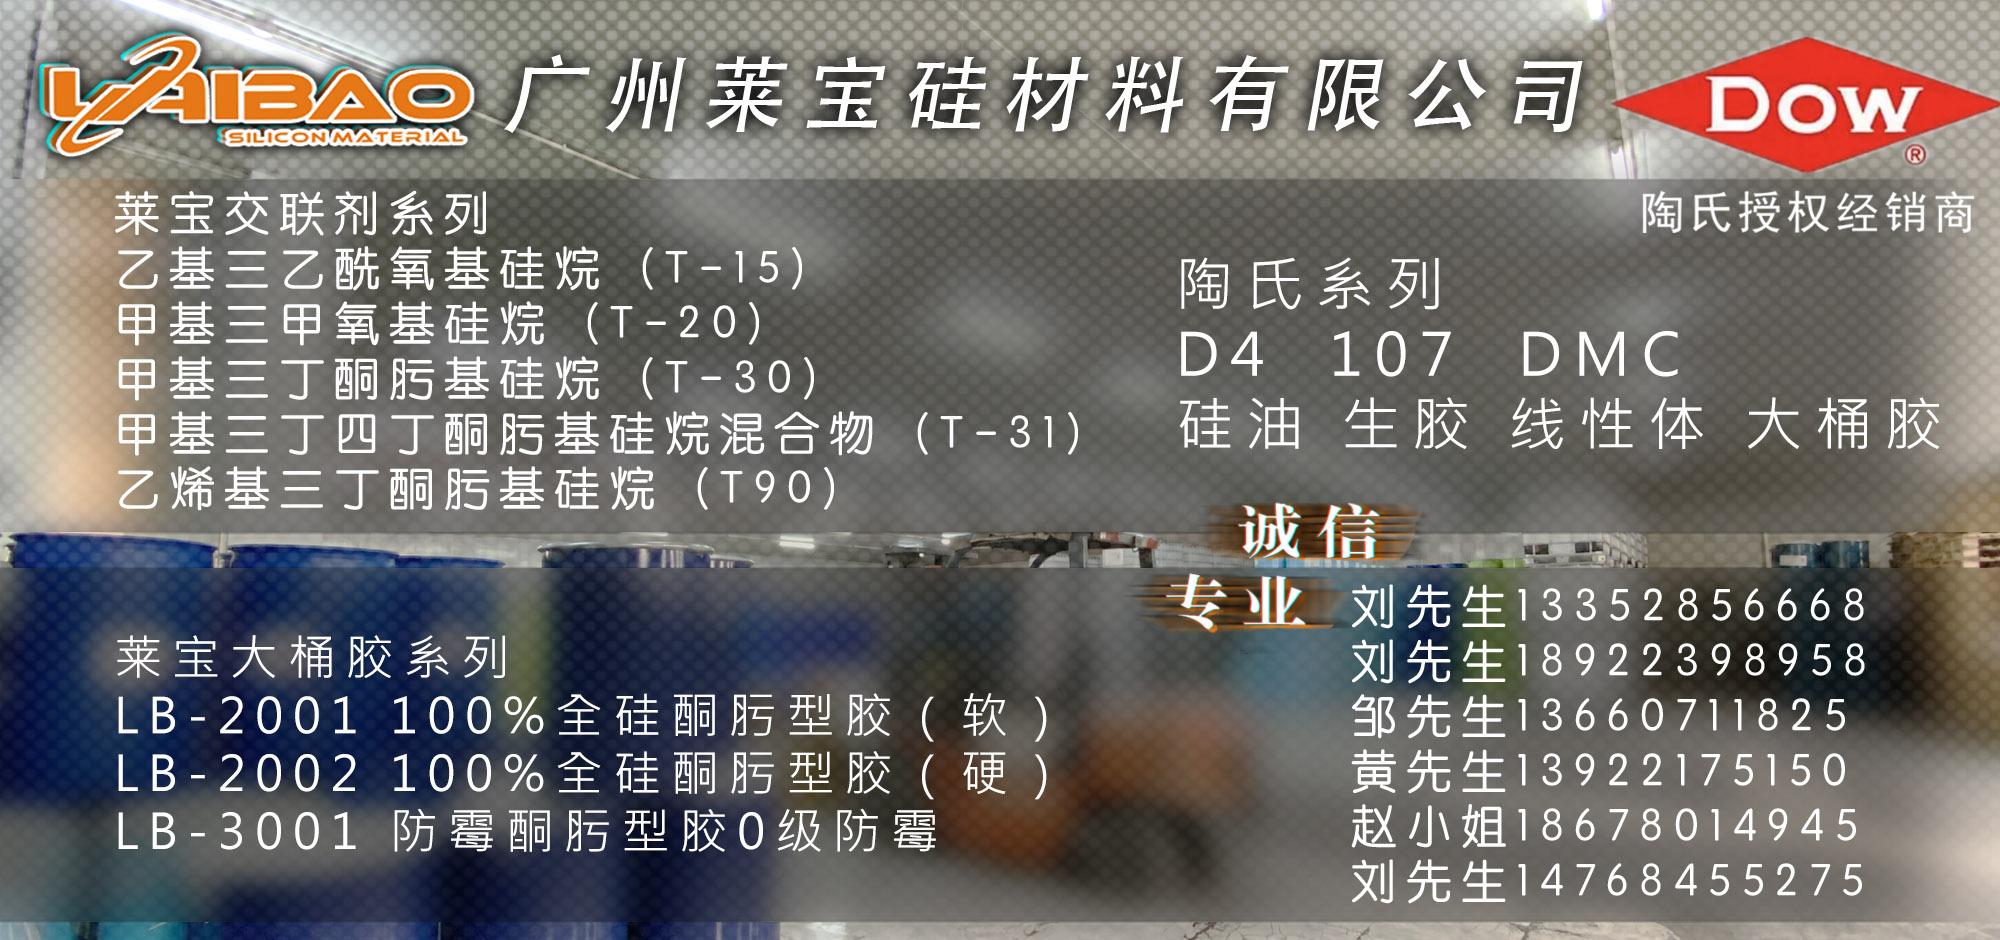 广州莱宝.jpg